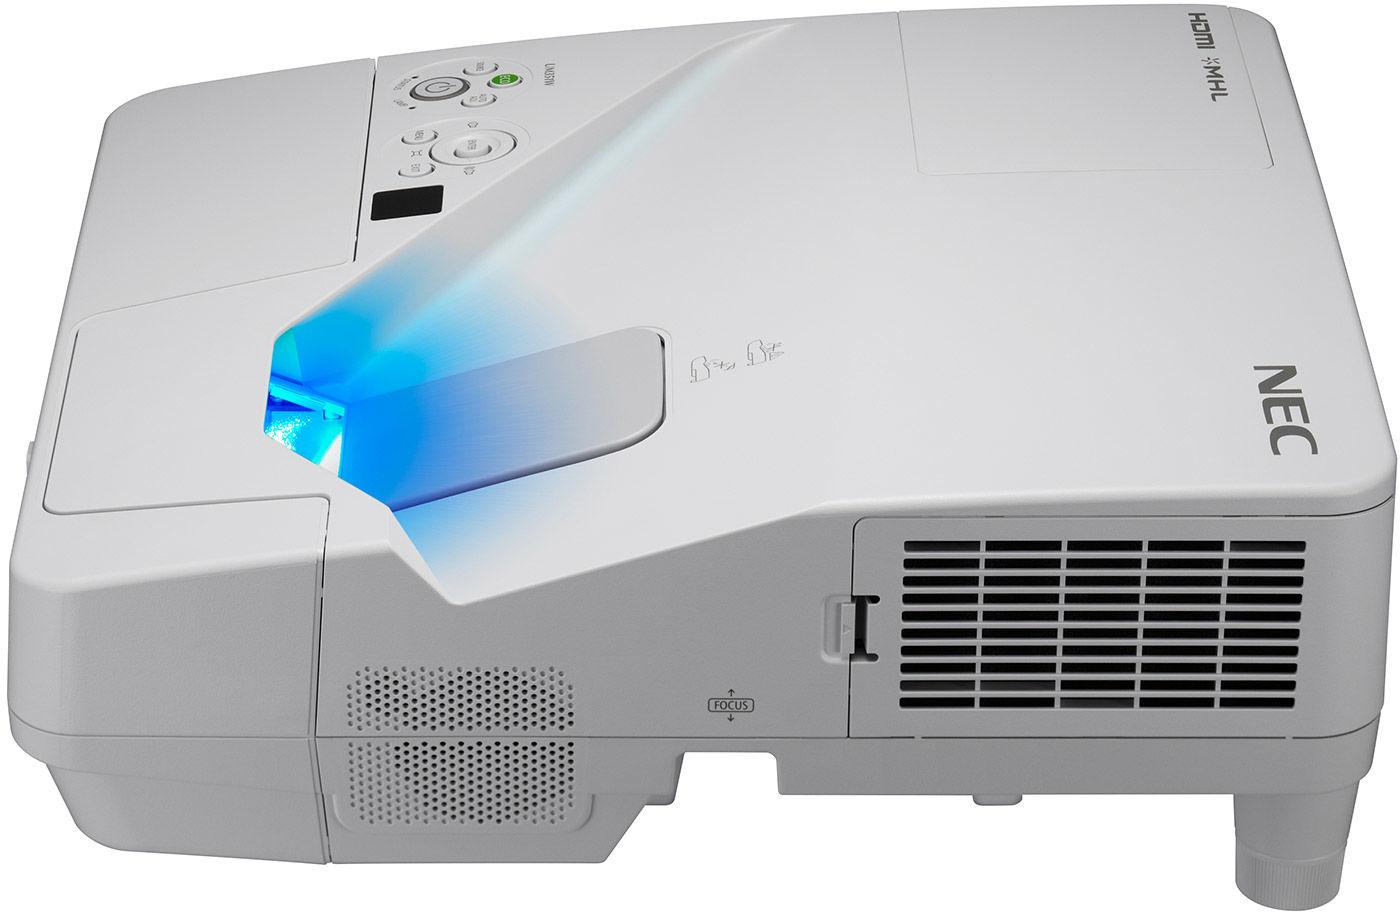 Projektor NEC UM351WG - DARMOWA DOSTWA PROJEKTORA! Projektory, ekrany, tablice interaktywne - Profesjonalne doradztwo - Kontakt: 71 784 97 60